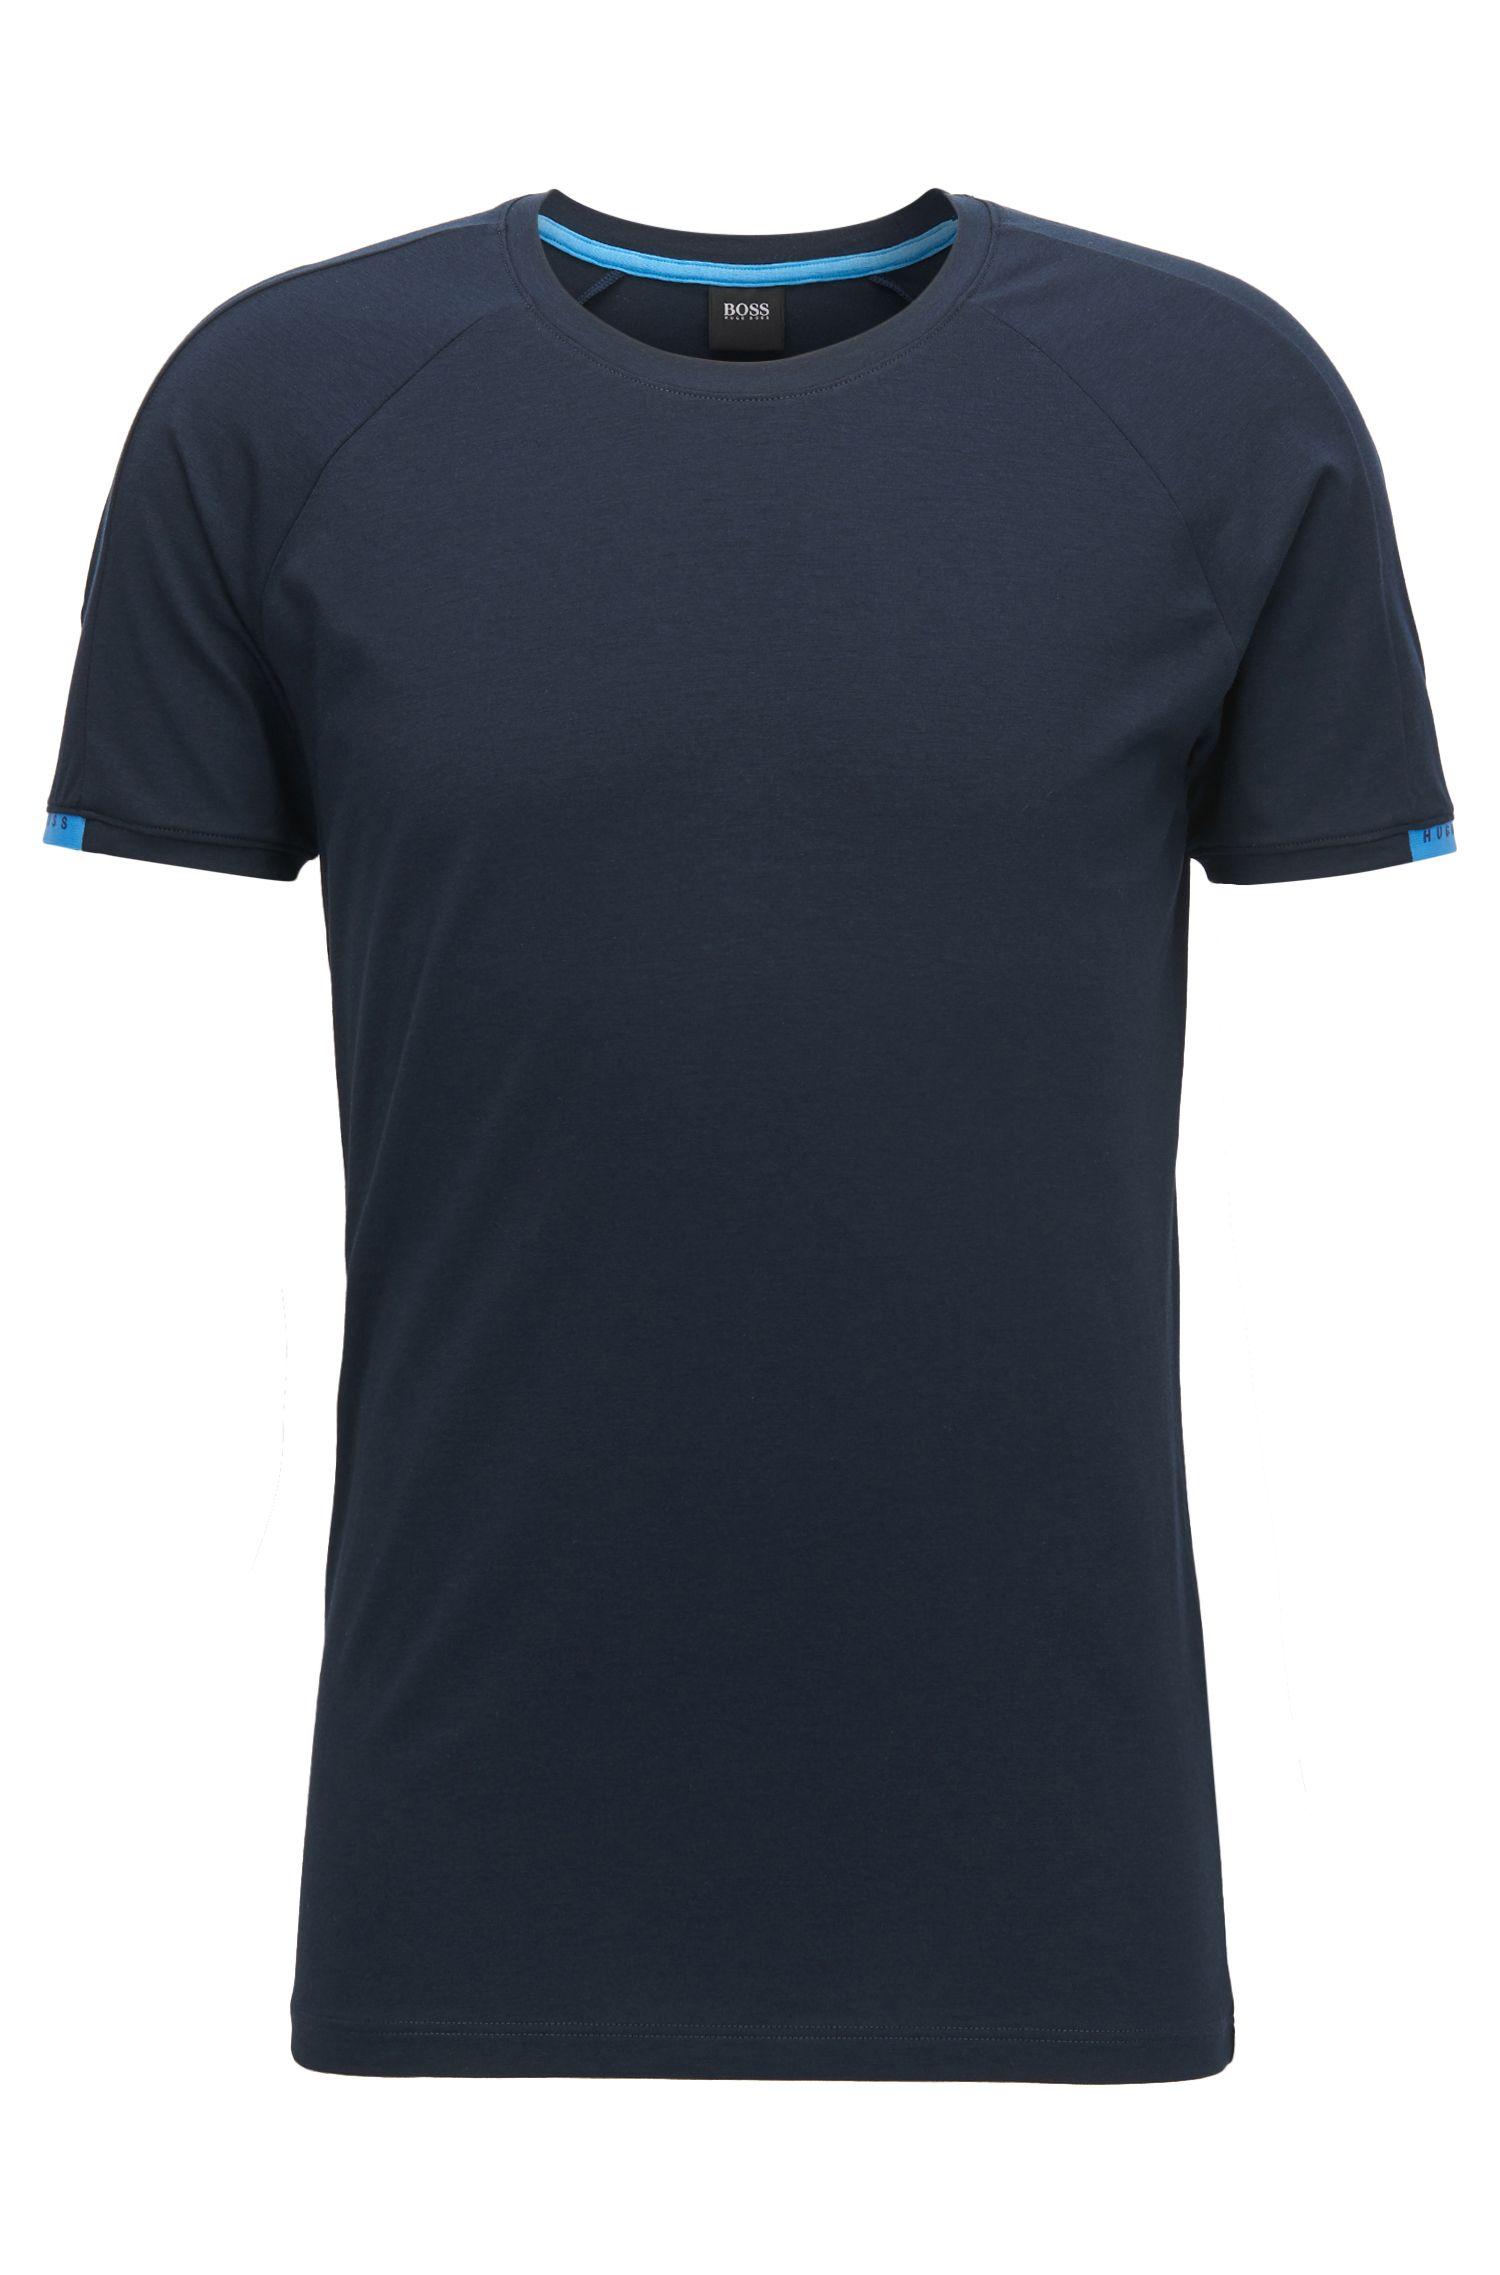 Maillot de corps à col ras-du-cou en jersey simple stretch